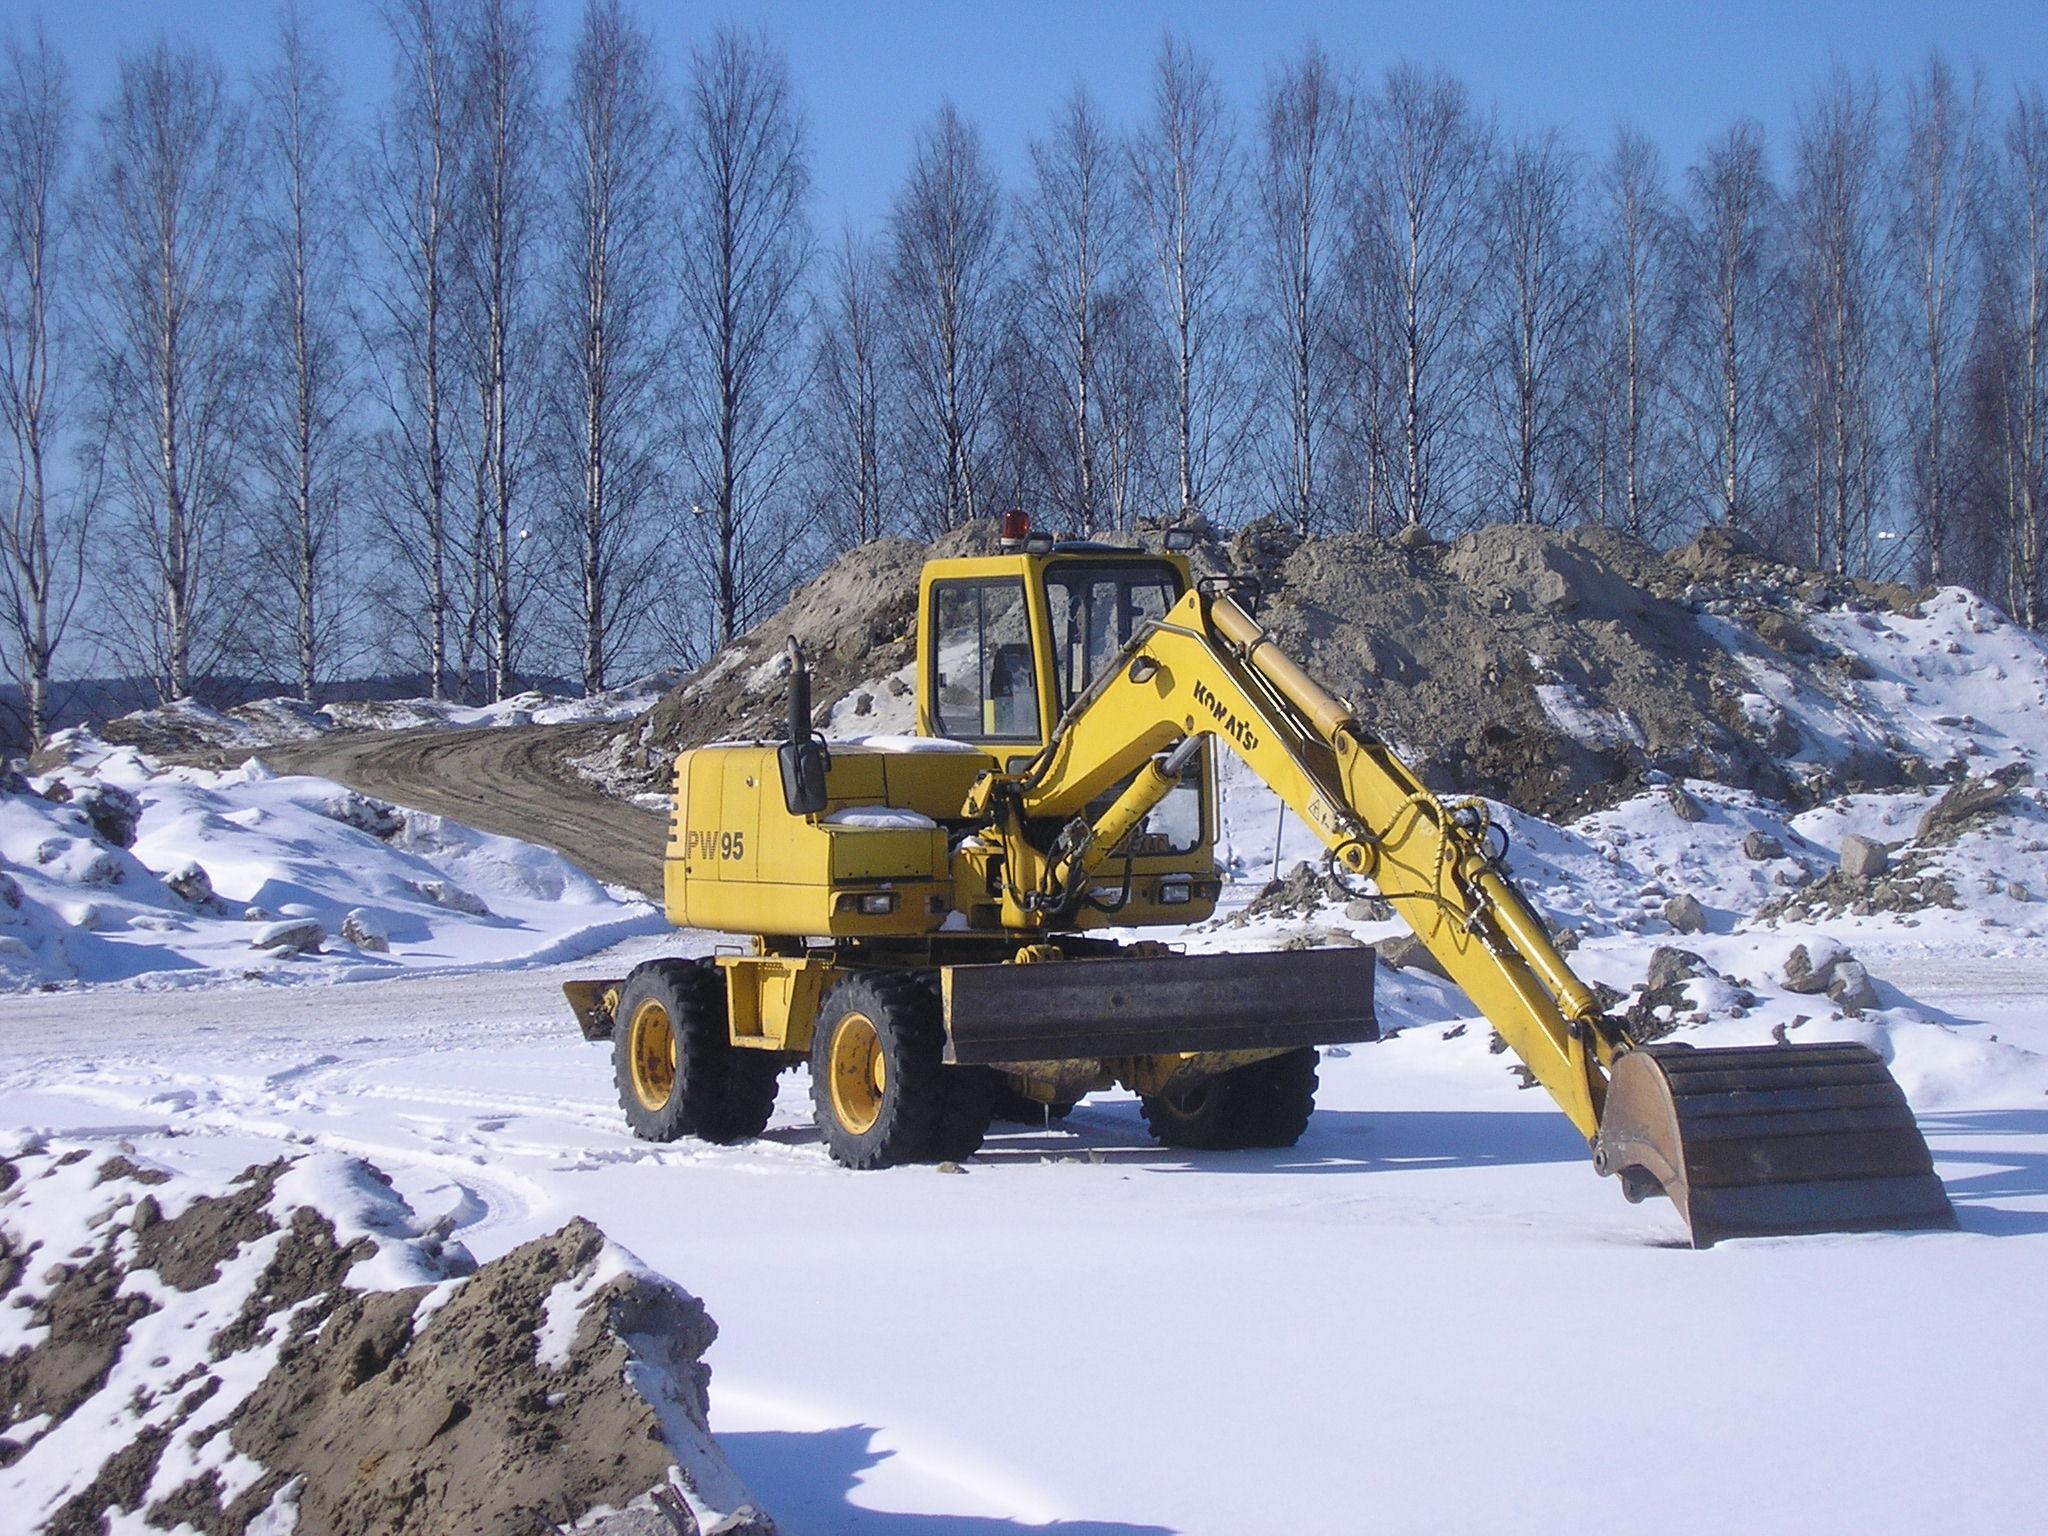 File:Komatsu excavator in Jyväskylä JPG - Wikimedia Commons